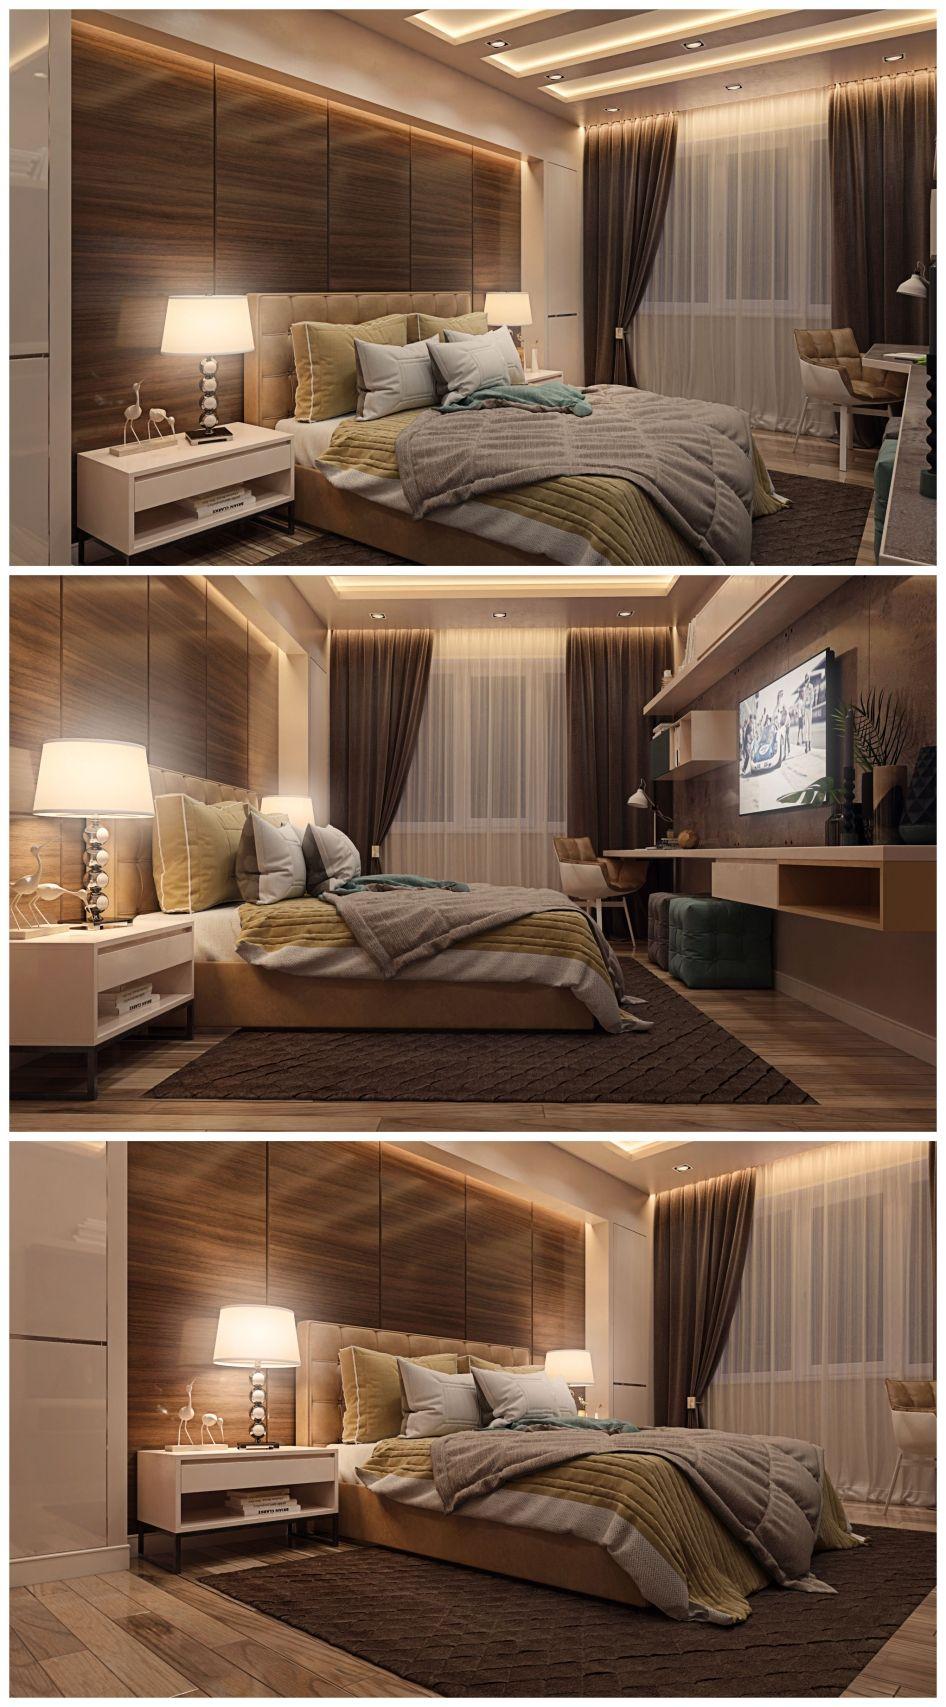 10x10 Bedroom Layout Ikea: Роскошные спальни, Планировки